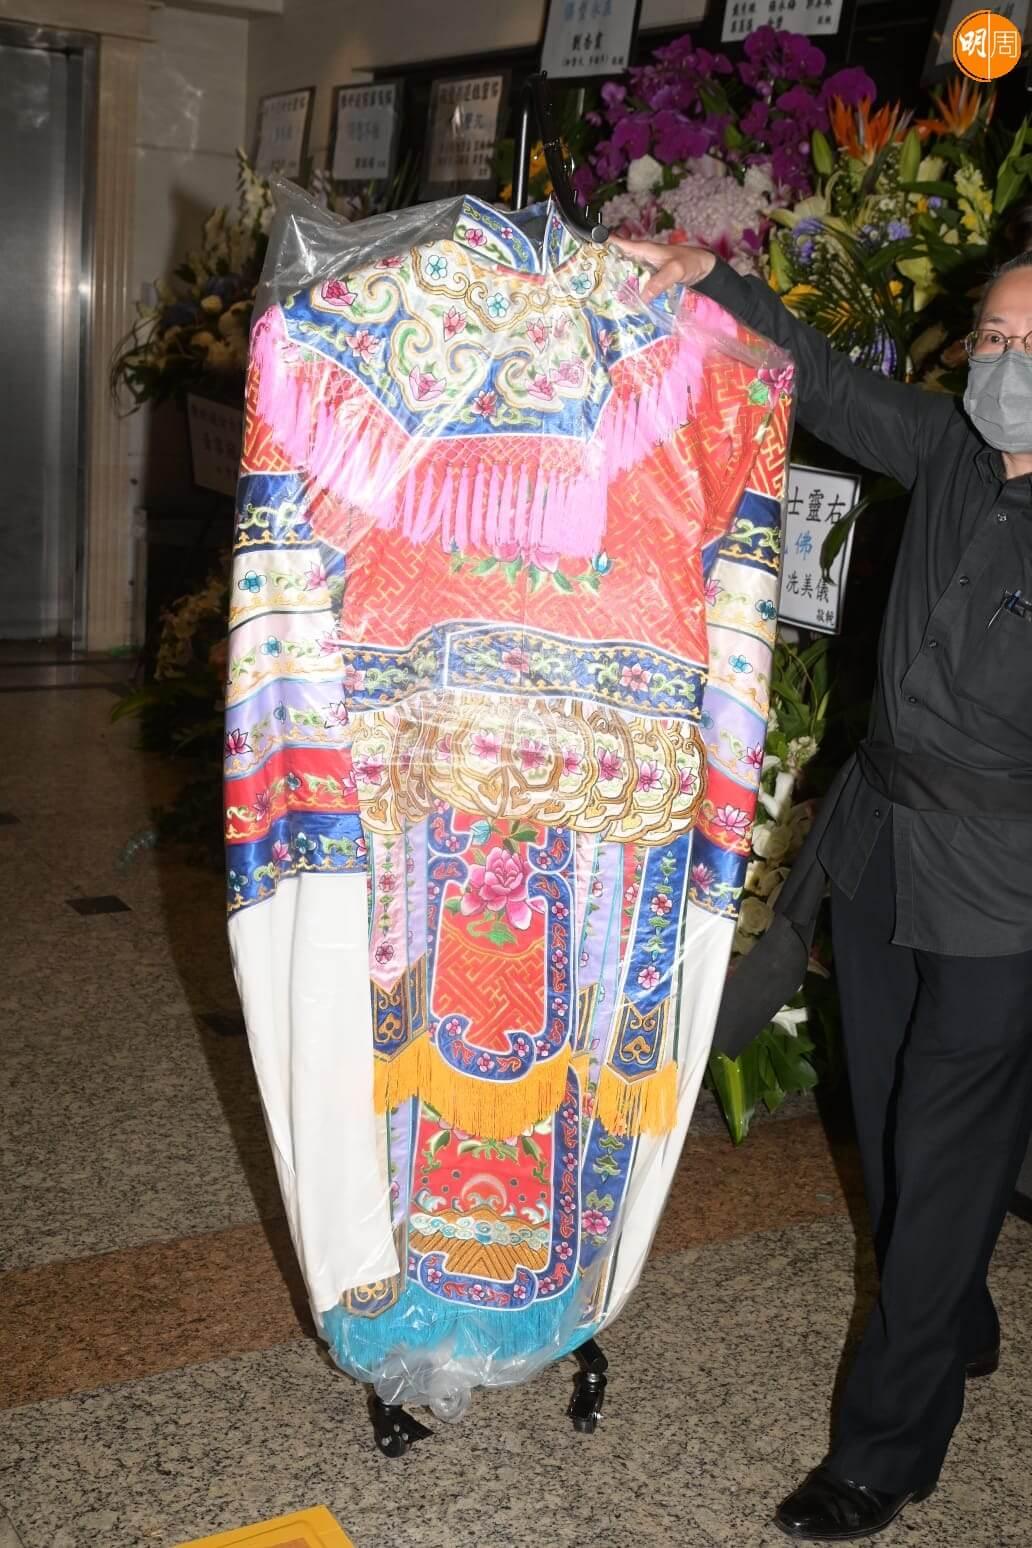 梅雪詩、李龍、龍貫天都有到場,粵劇服裝師傅陳國源,去年曾為逑姐做了一套價值過萬元的戲服